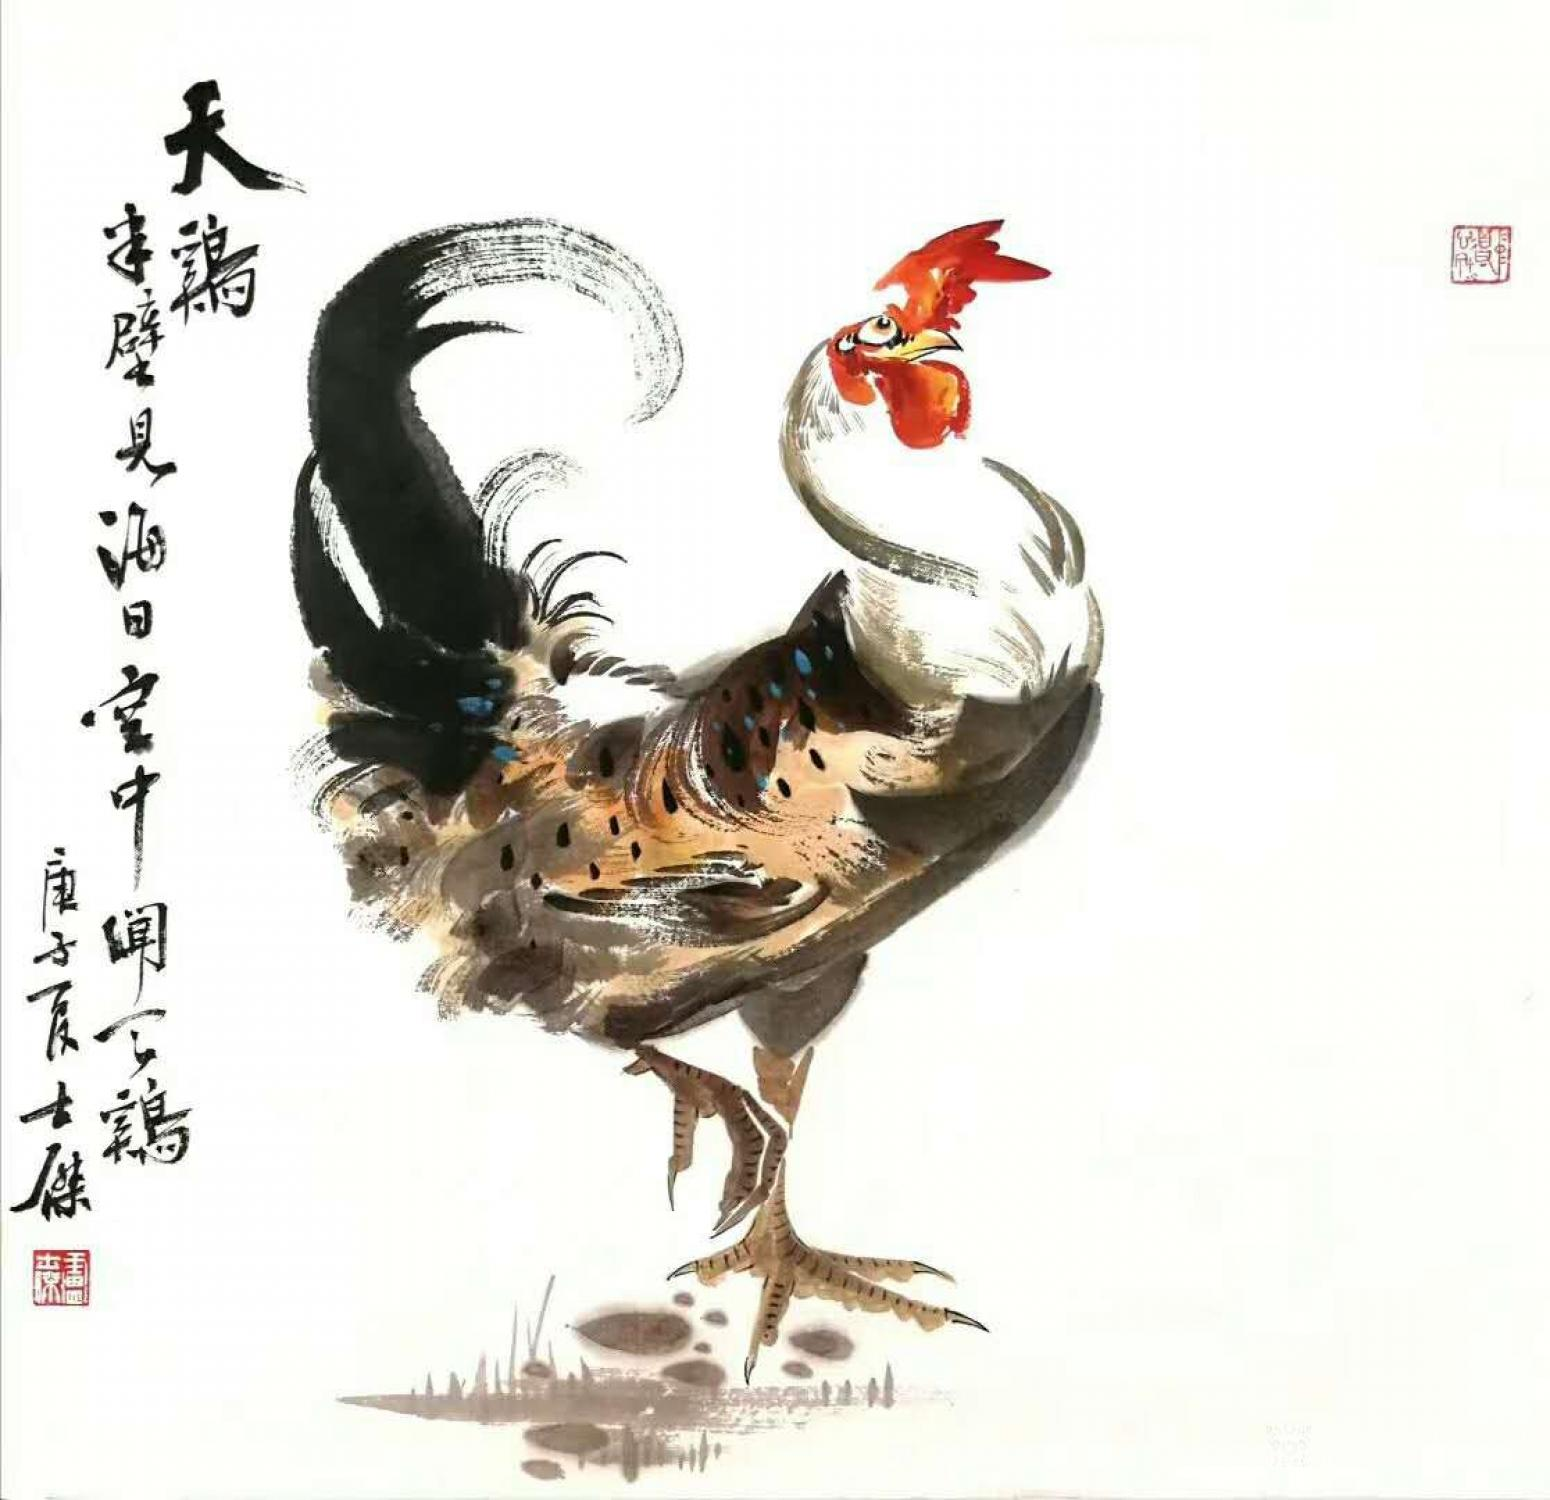 卢士杰国画作品《天鸡》